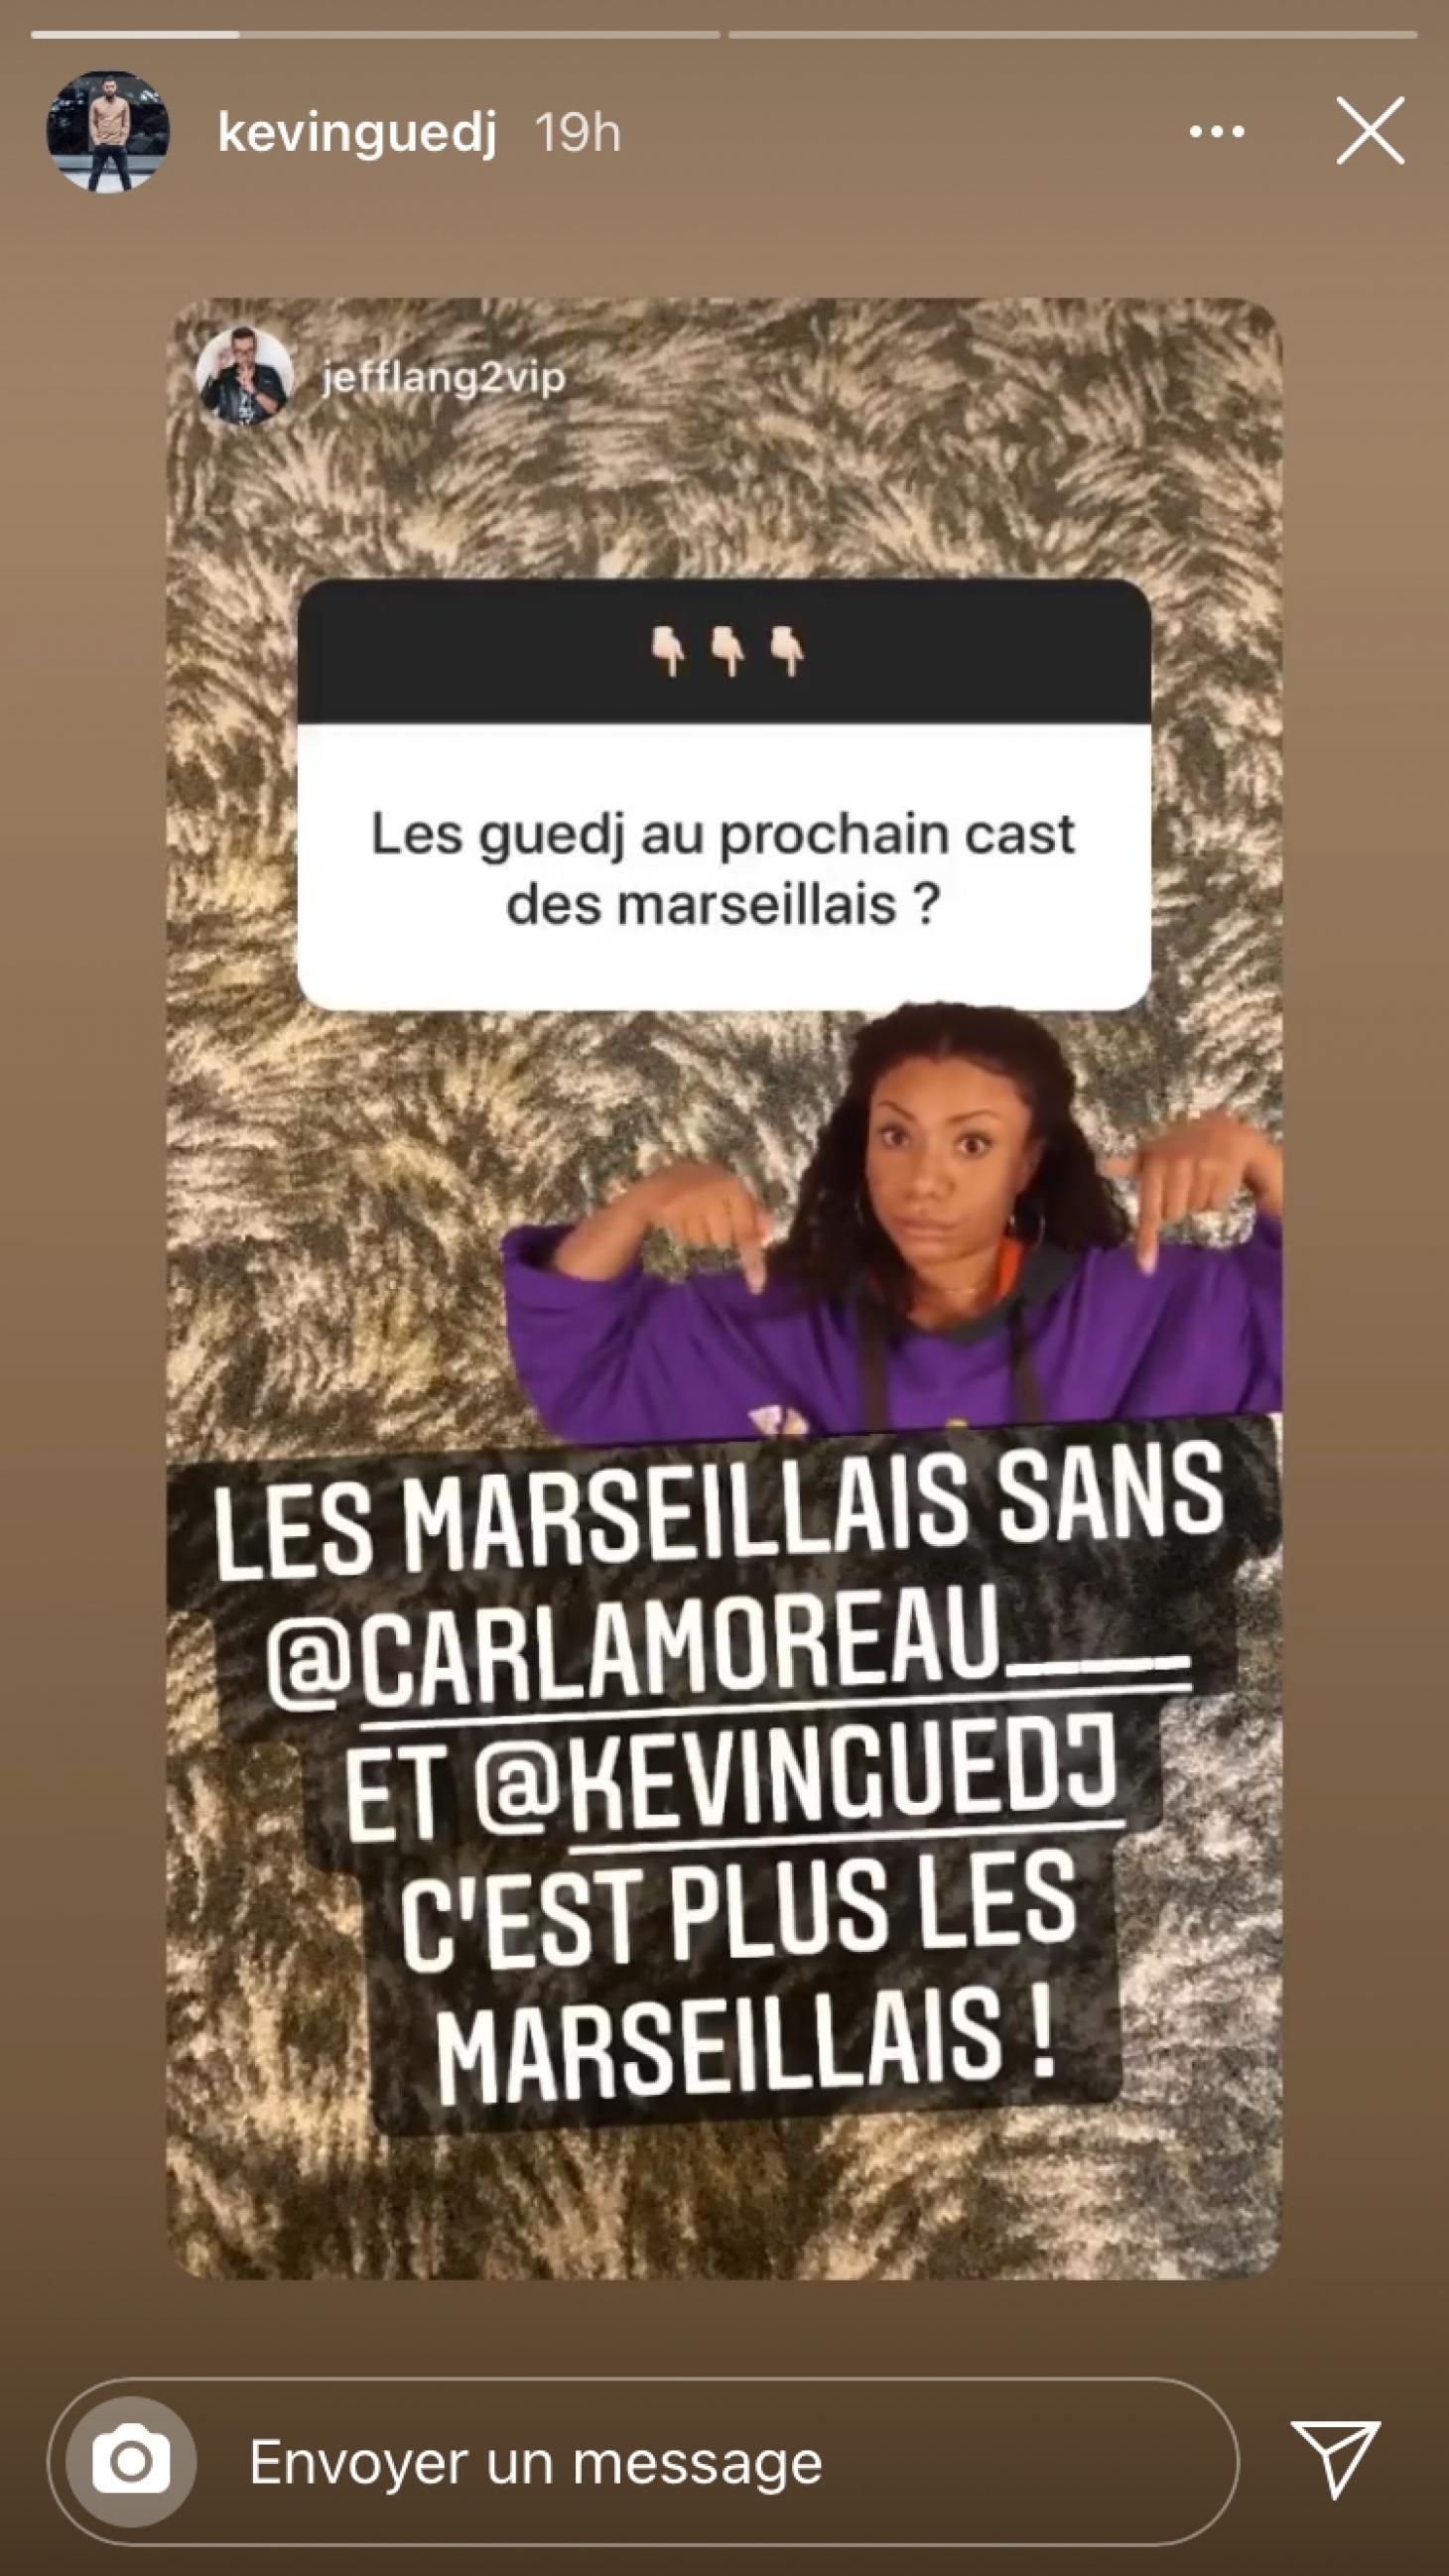 Carla Moreau et Kevin Guedj absents de la prochaine saison des Marseillais : Ce message qui en dit long